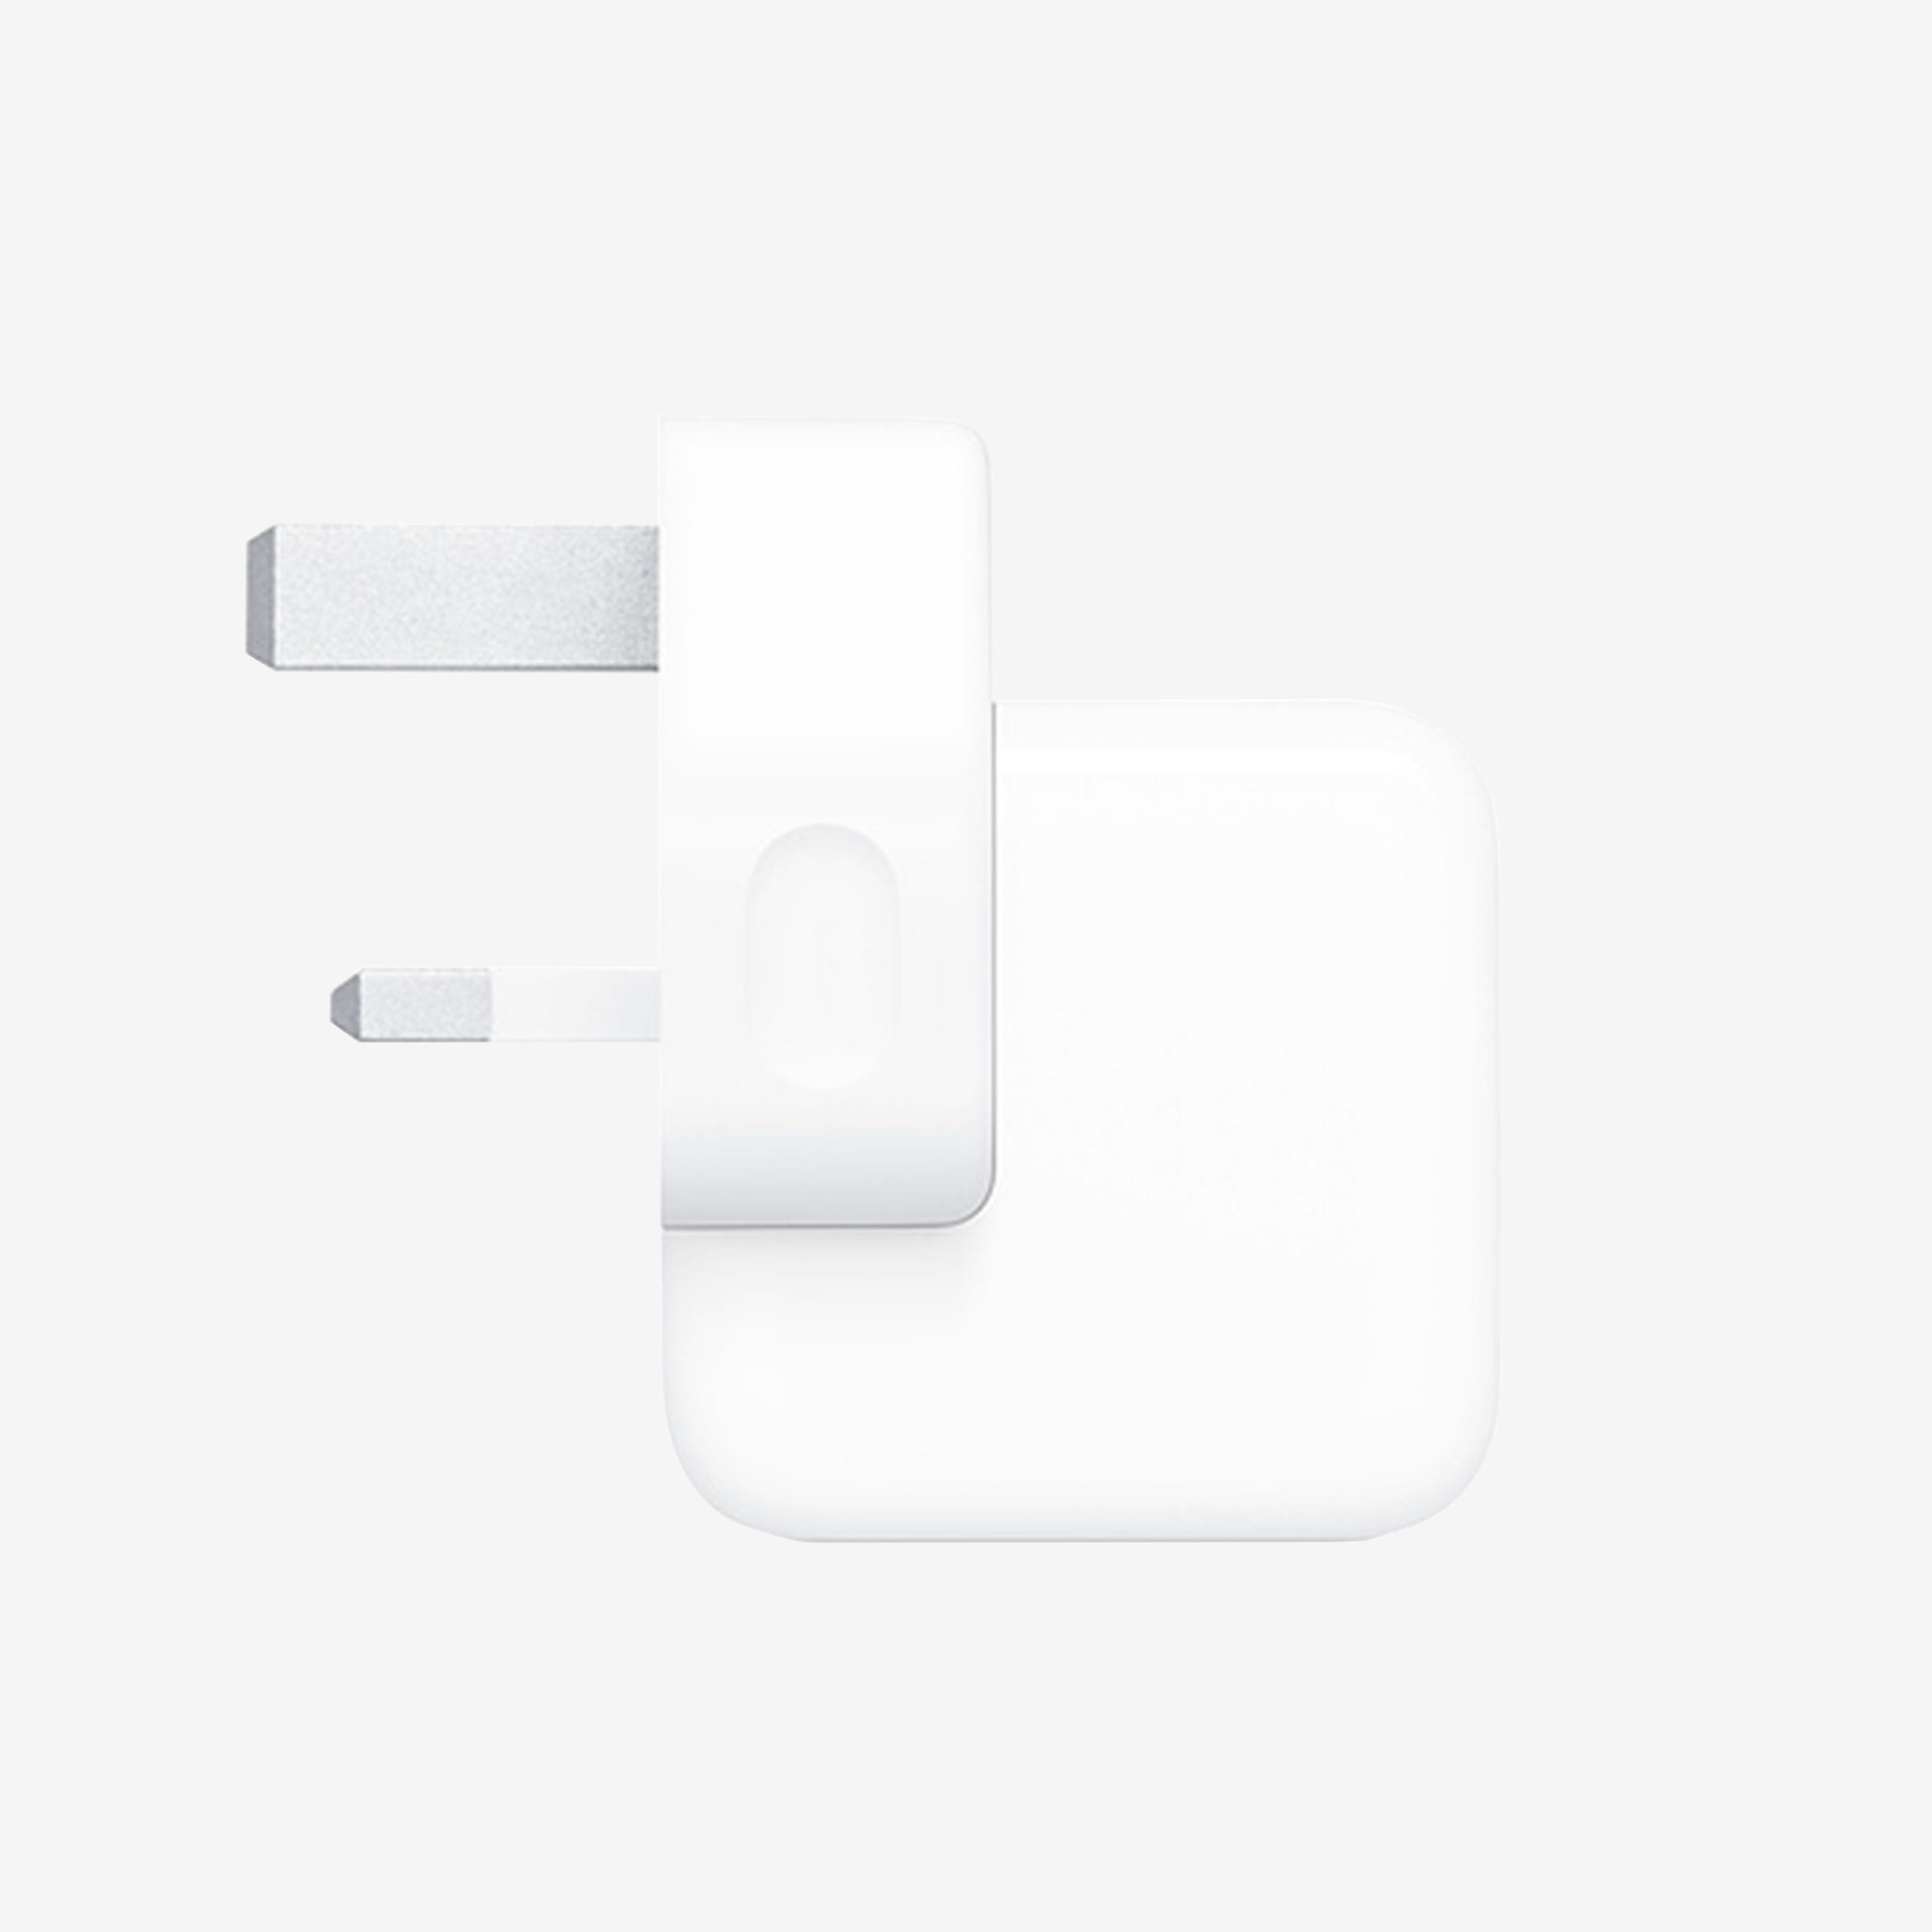 1 x iPad (4th generation) (Wi-Fi) Black